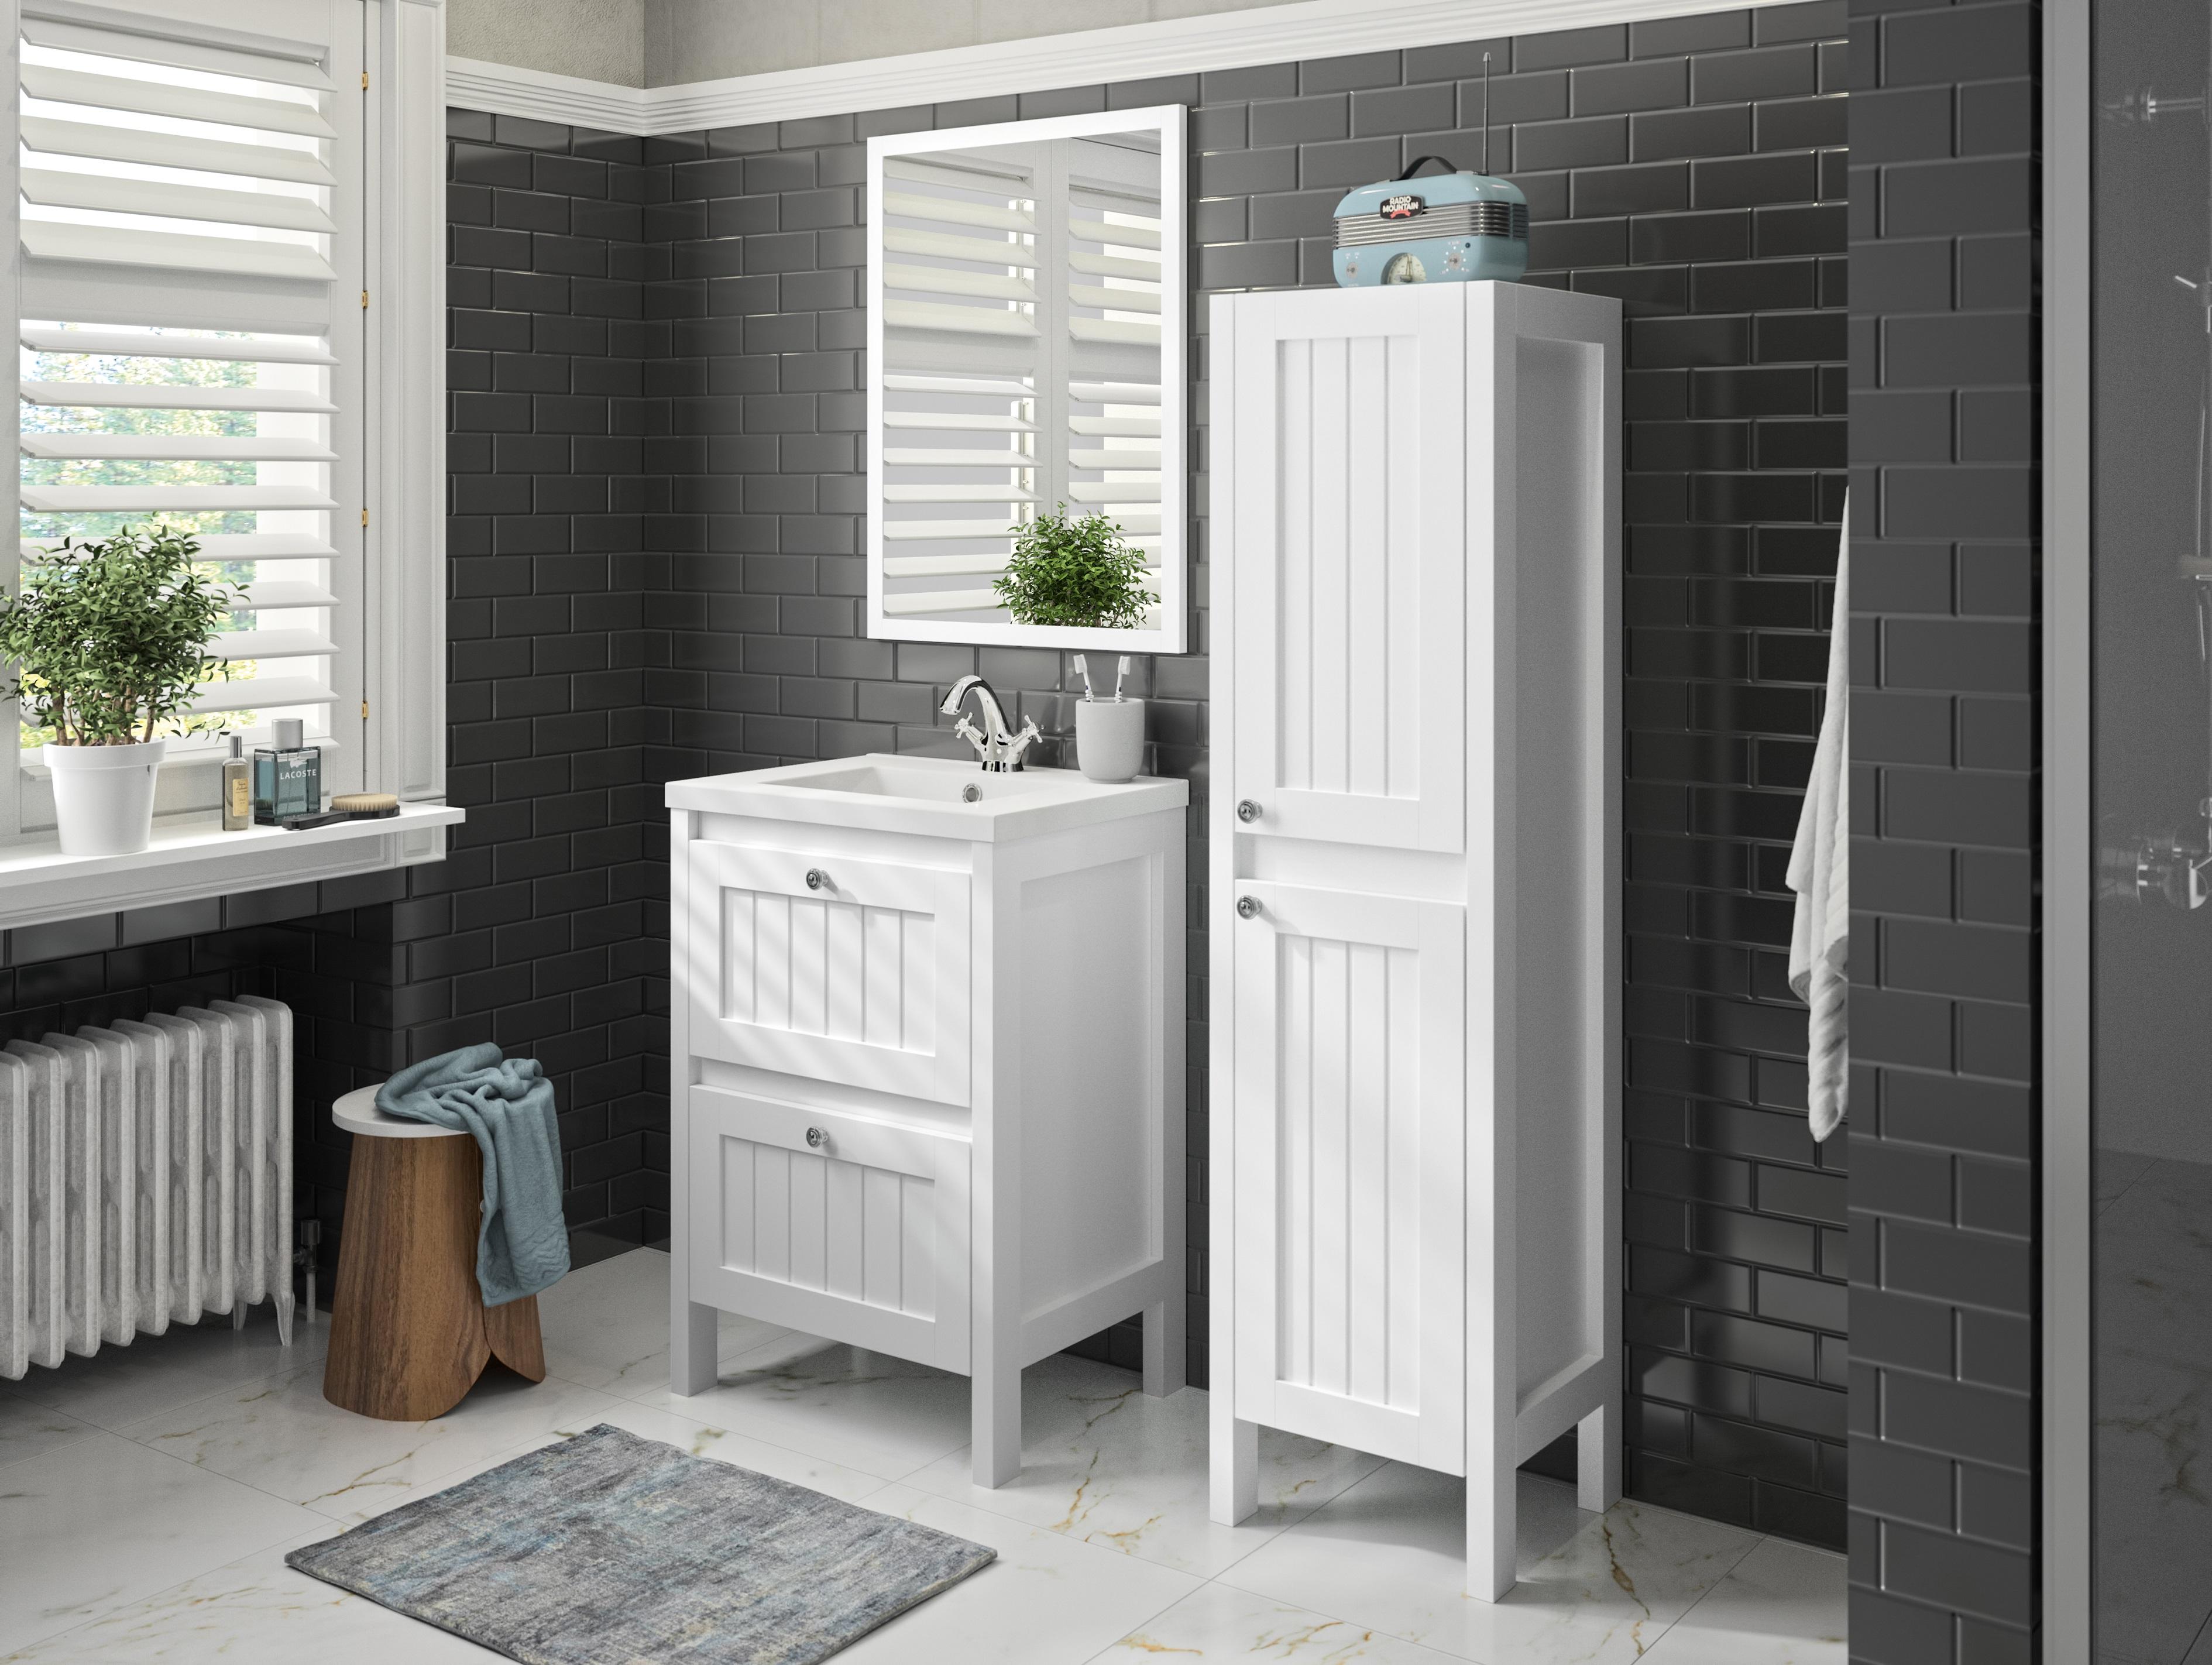 Badmöbel Set Waschbecken Unterschrank Spiegel vormontiert 60 cm weiß ALLIBERT